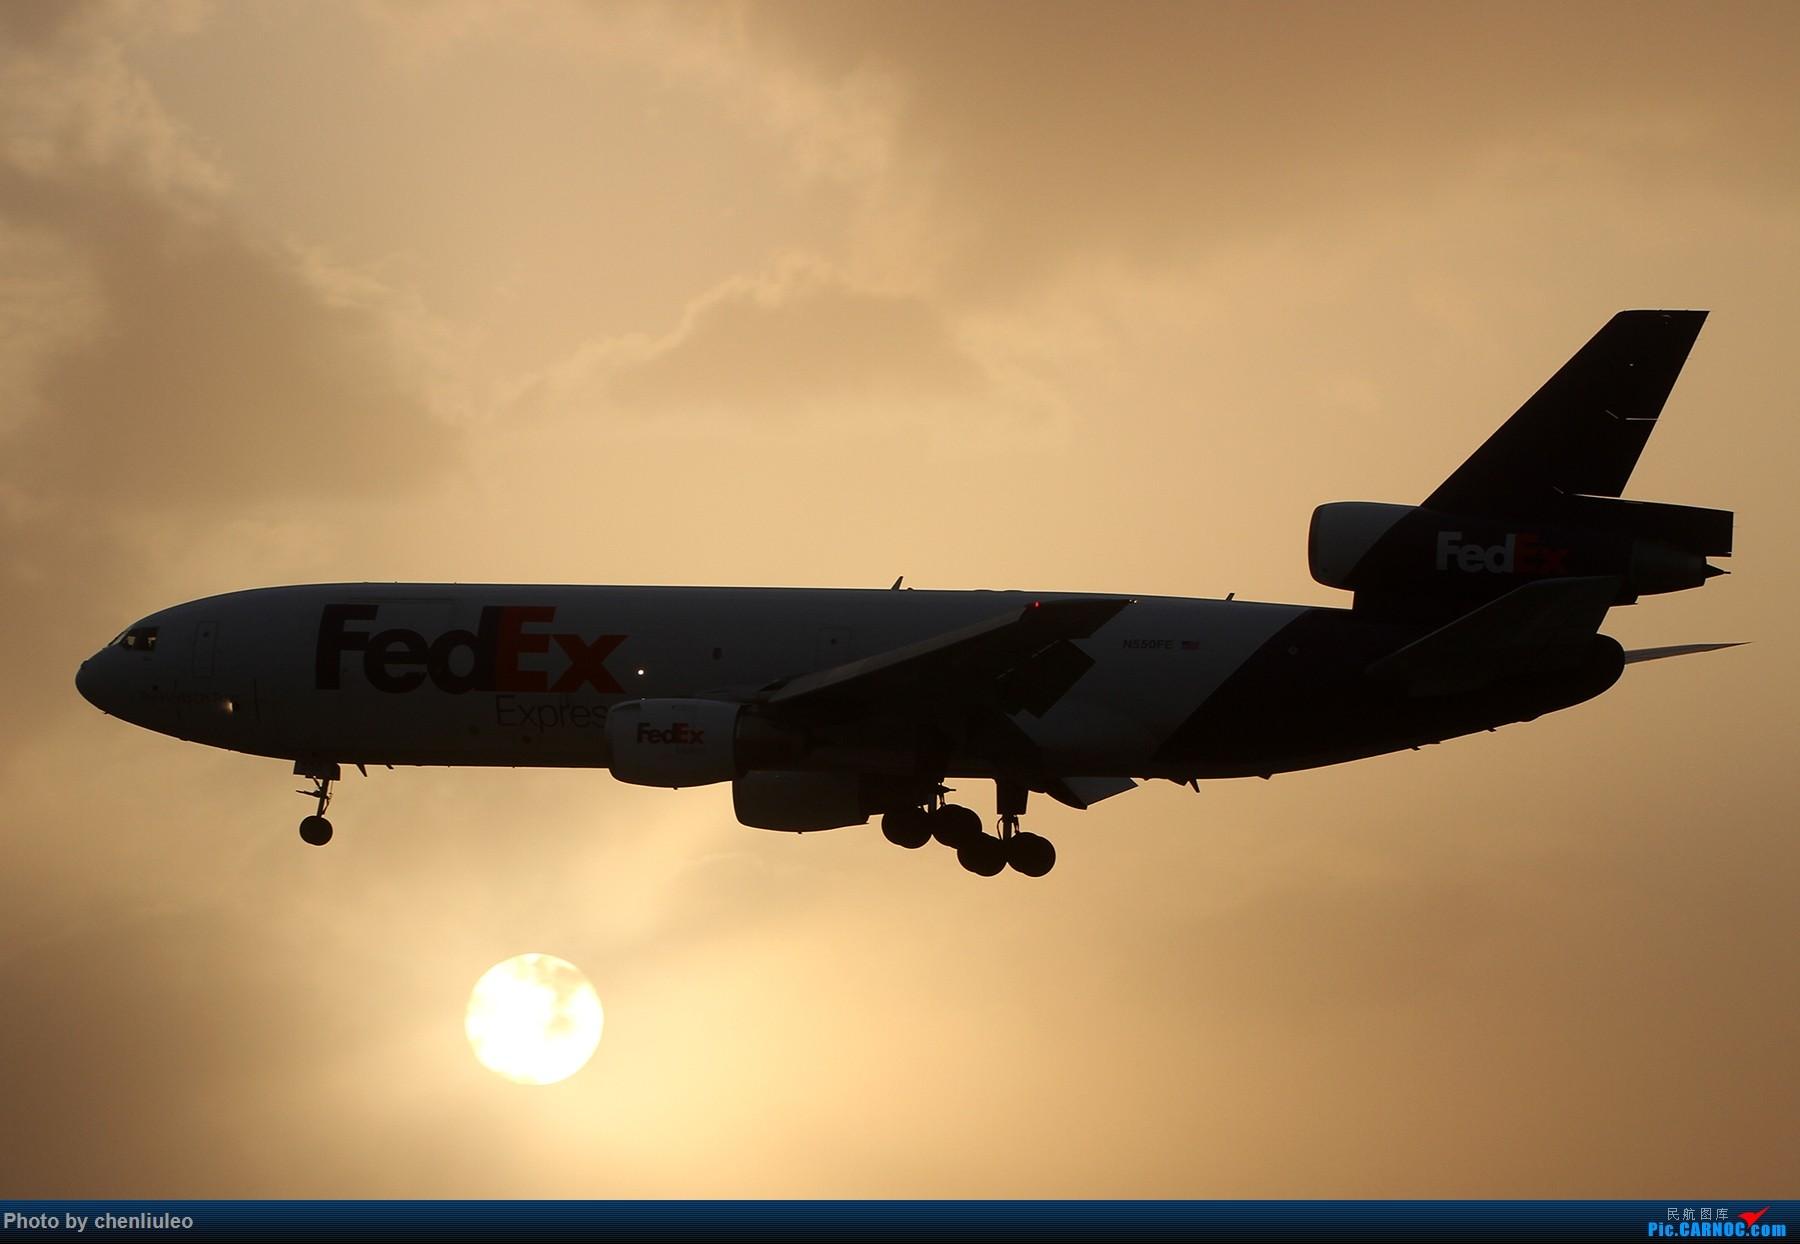 Re:[原创]【北美飞友会】芝加哥奥黑尔机场首拍 MD MD-10 N550FE 美国芝加哥奥黑尔国际机场